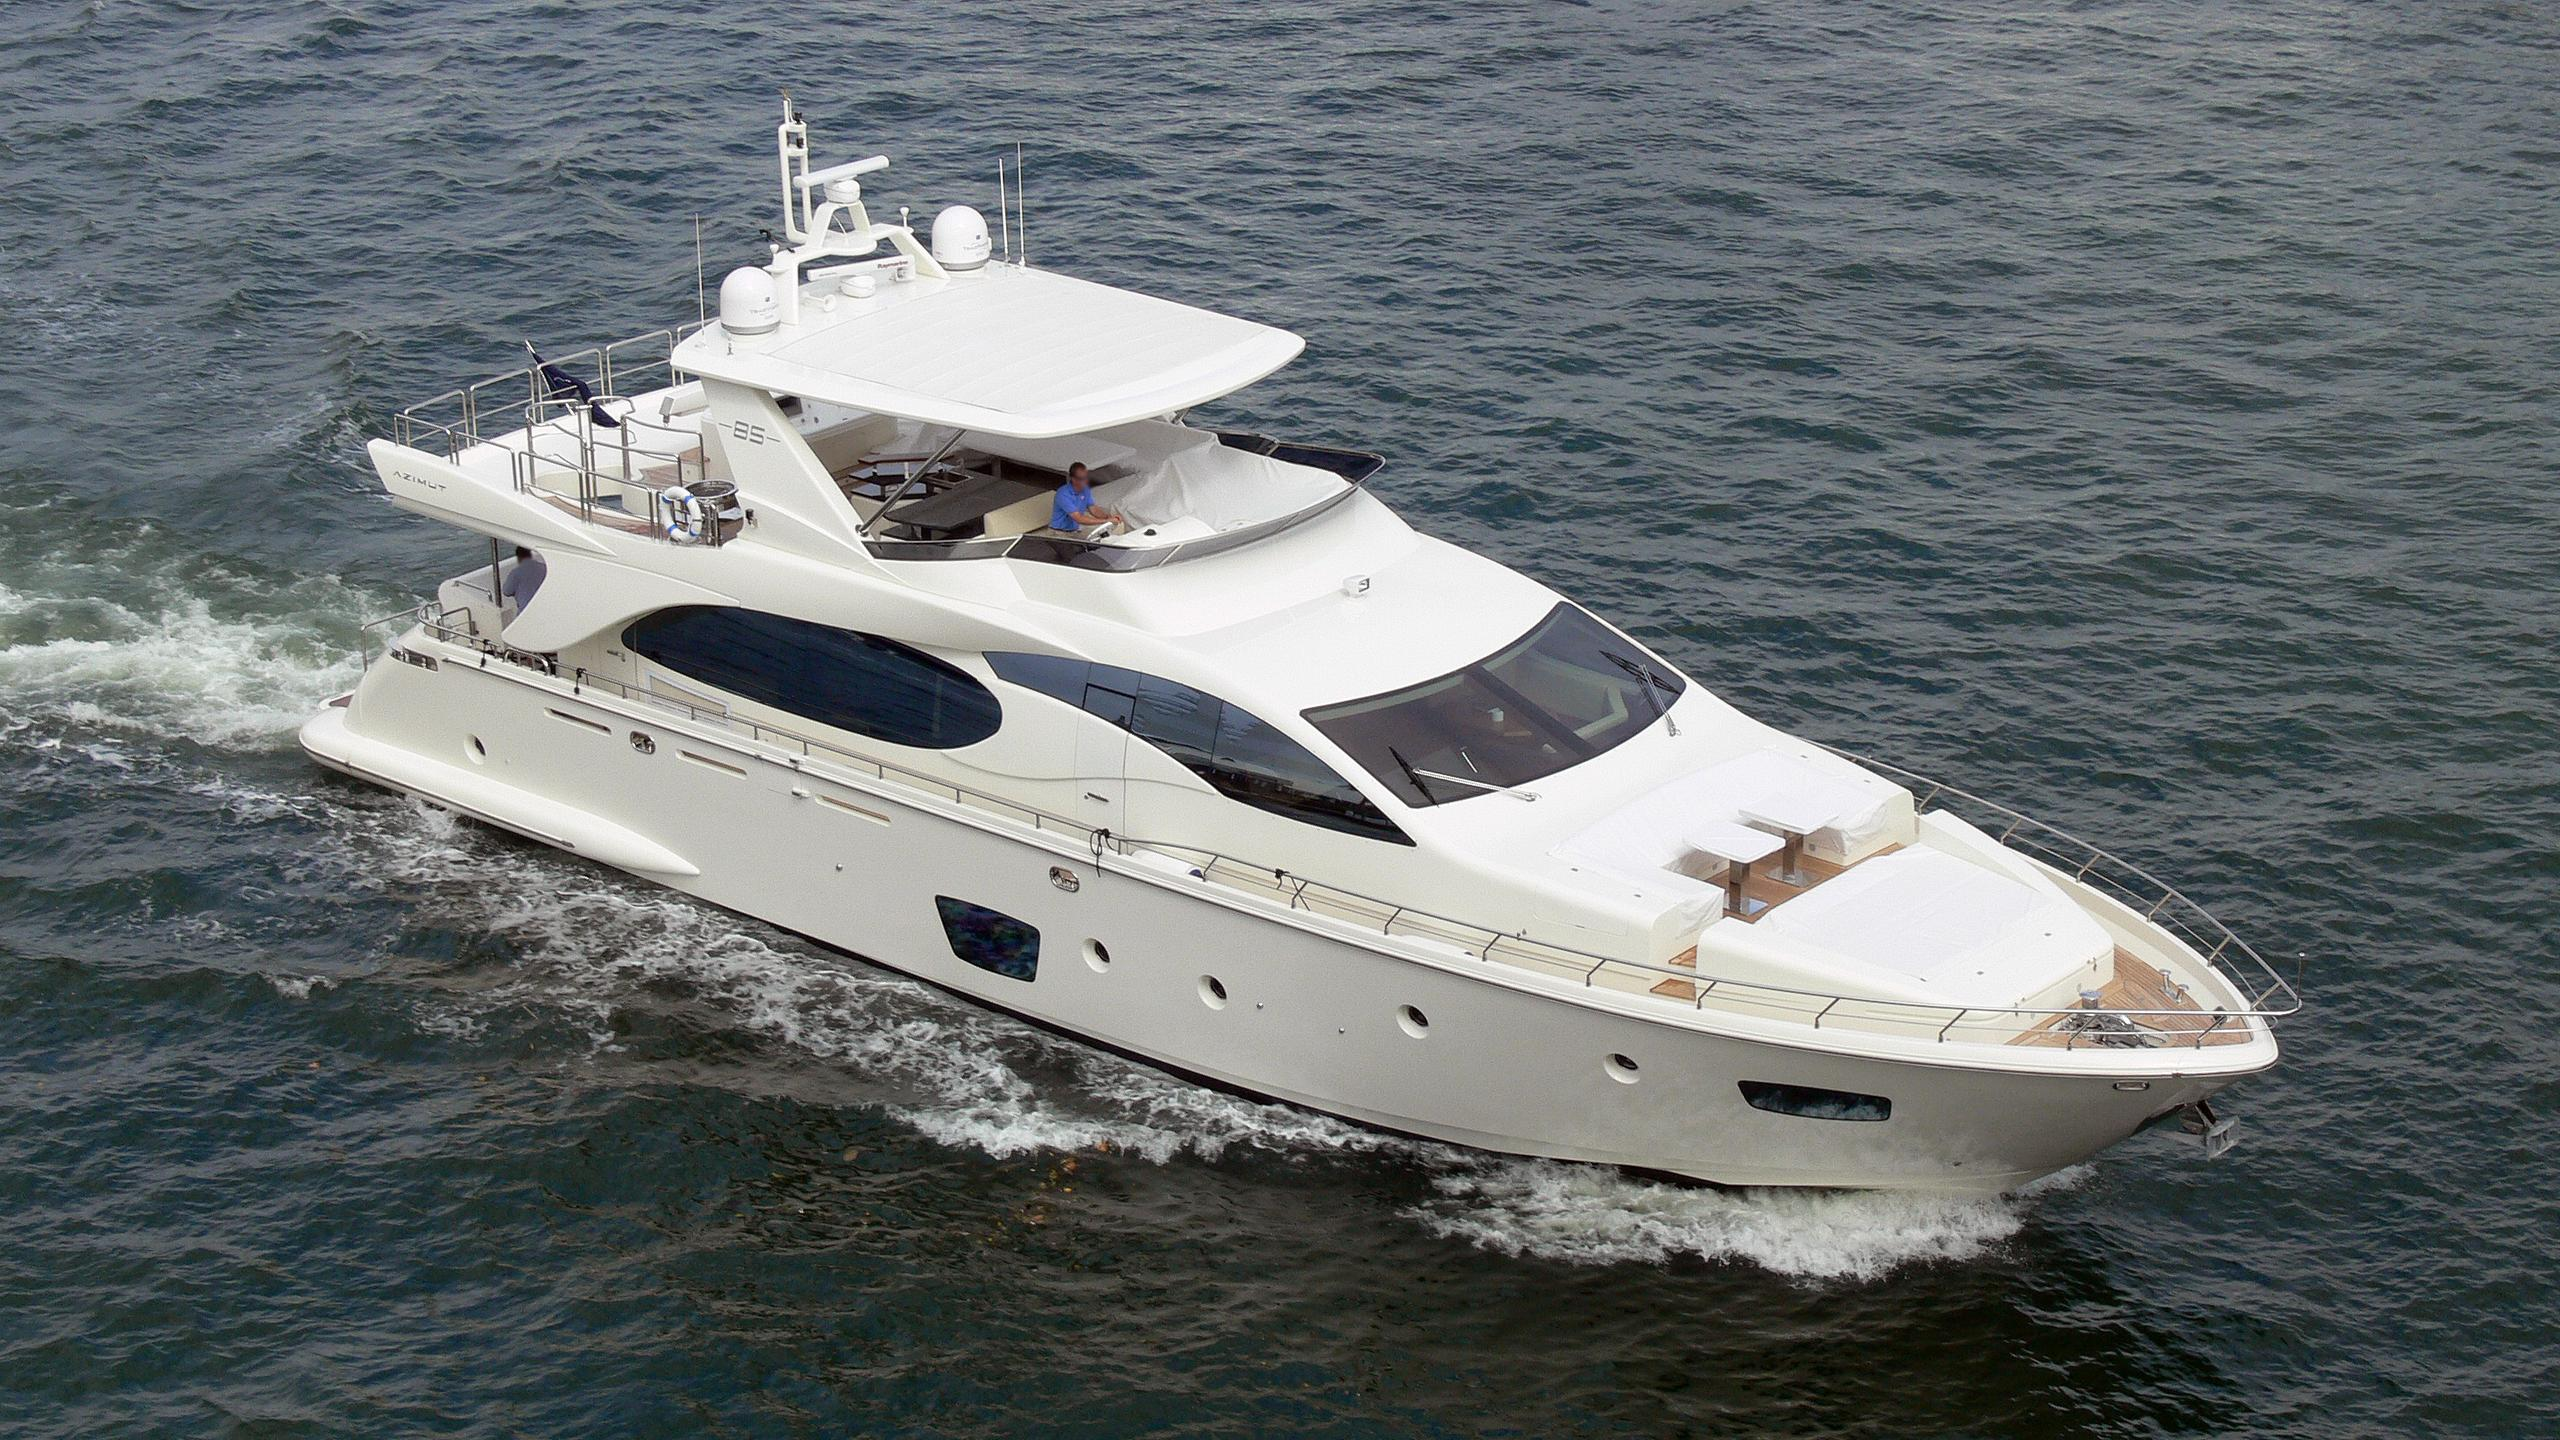 azimut-az-85-124-motor-yacht-2007-27m-aerial